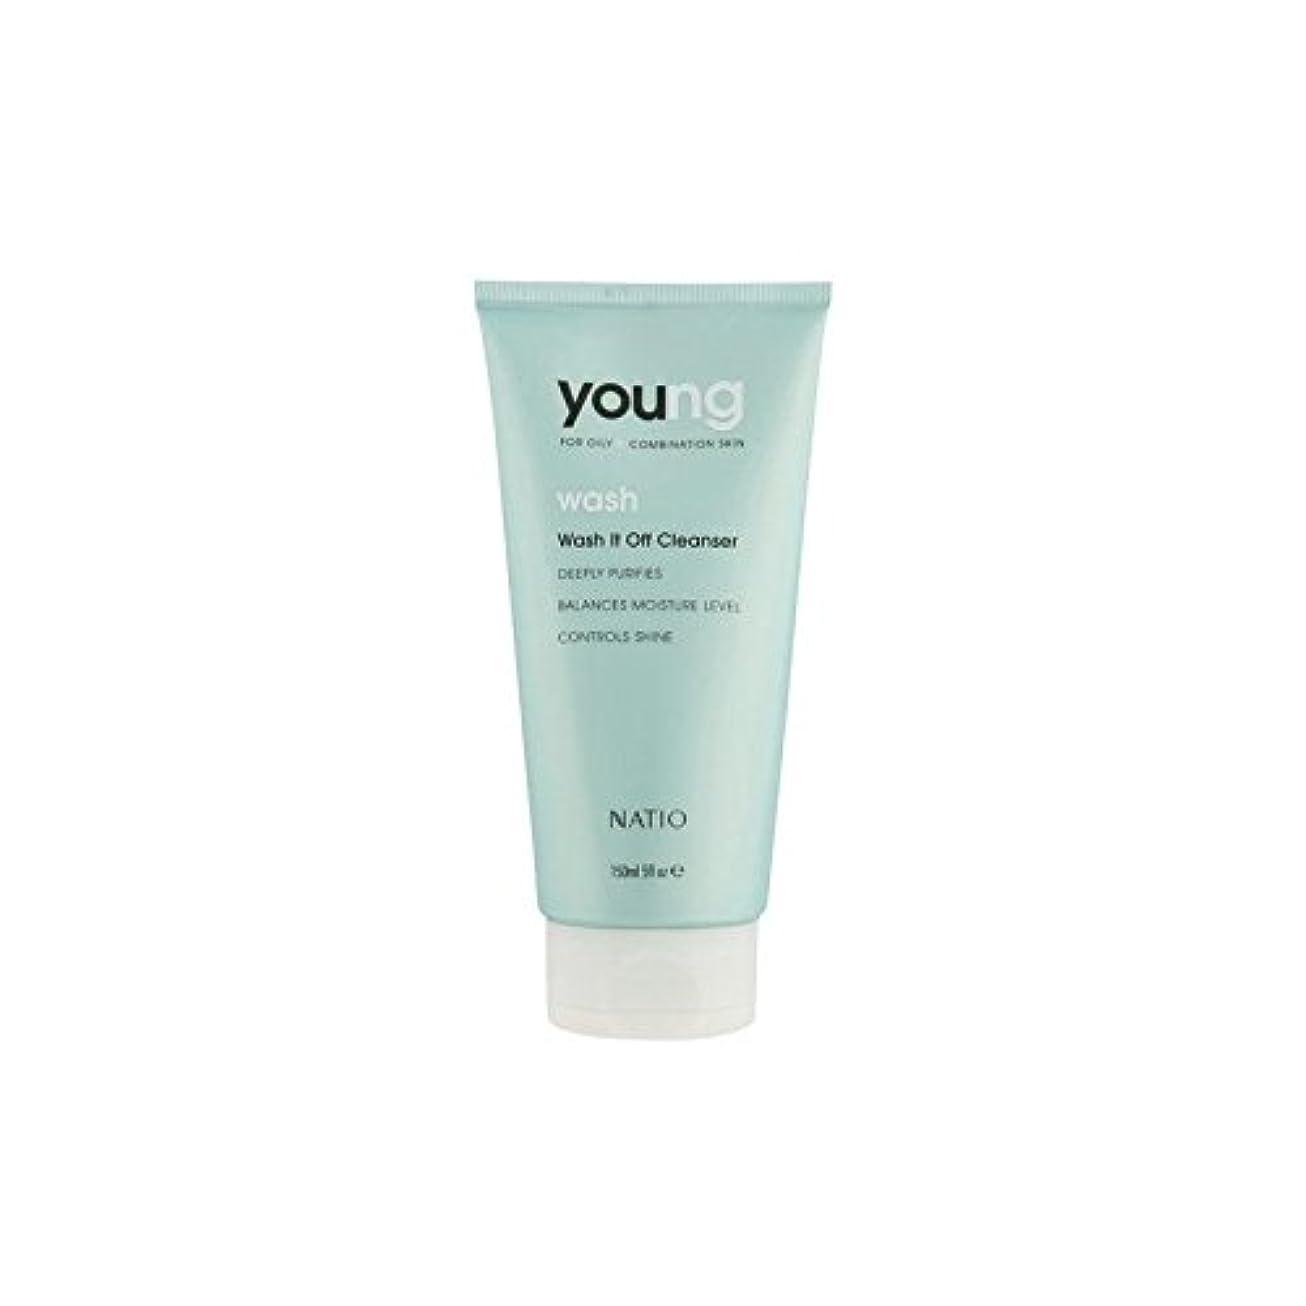 ユーモラス広げるセージNatio Young Wash It Off Cleanser (150ml) - 若いウォッシュそれオフクレンザー(150ミリリットル) [並行輸入品]